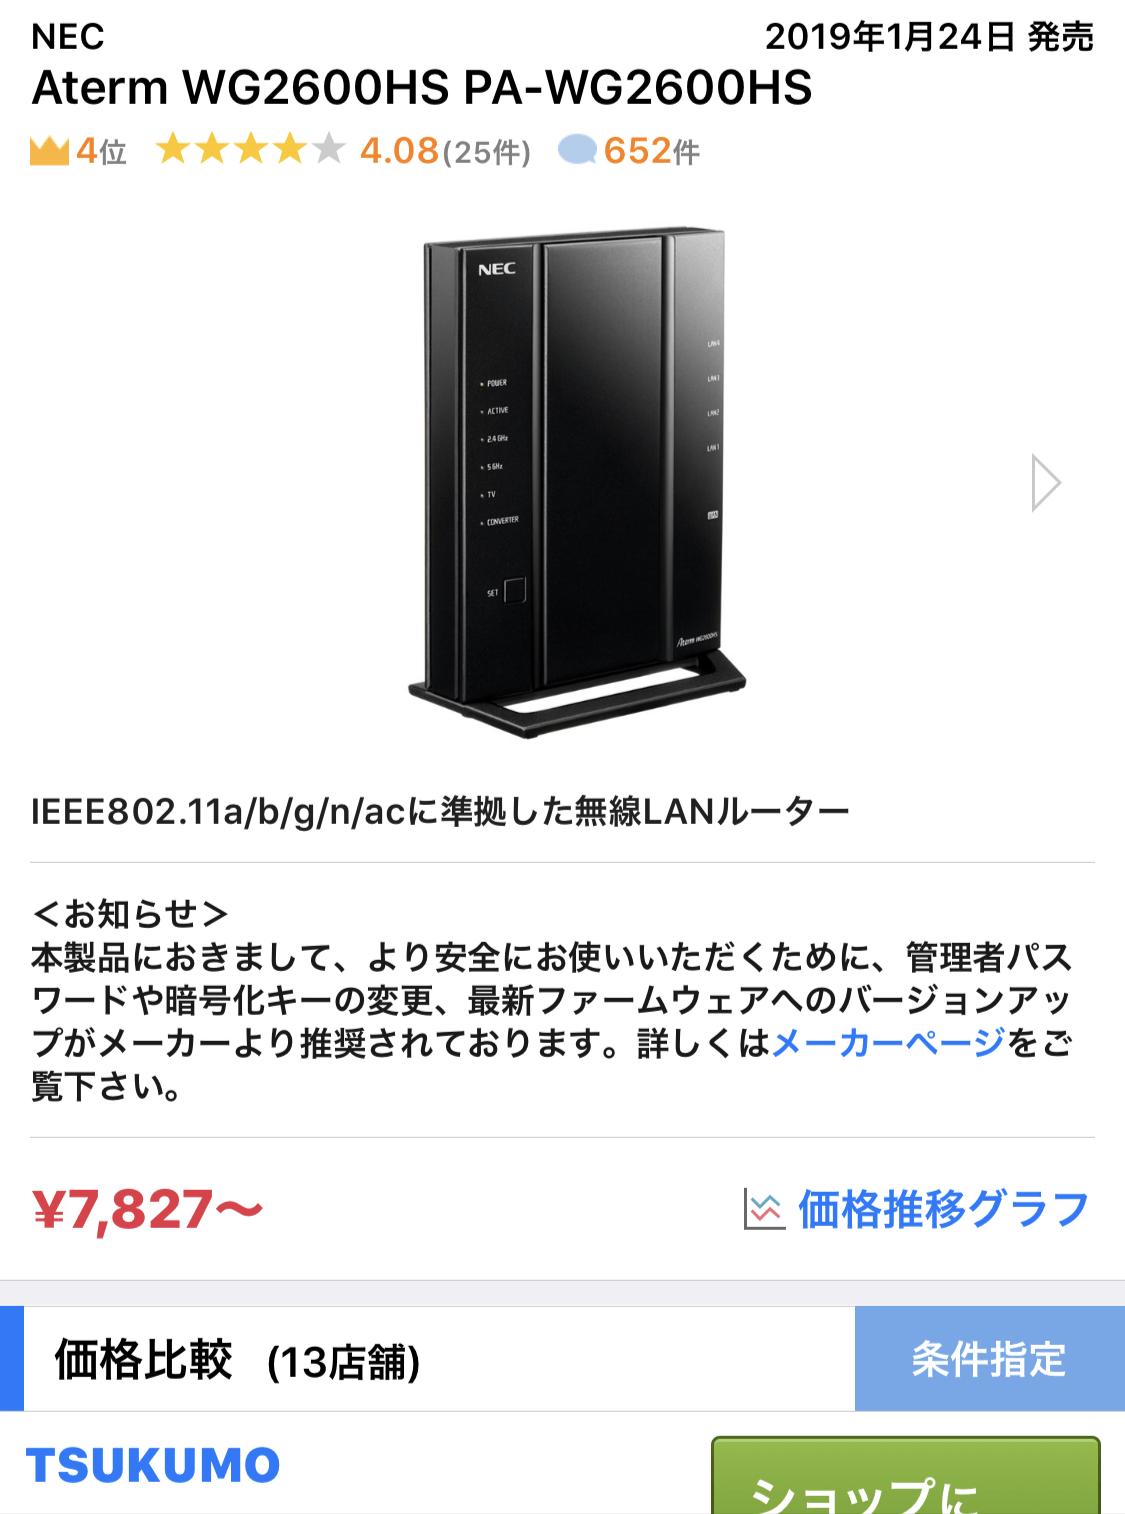 価格.com最安